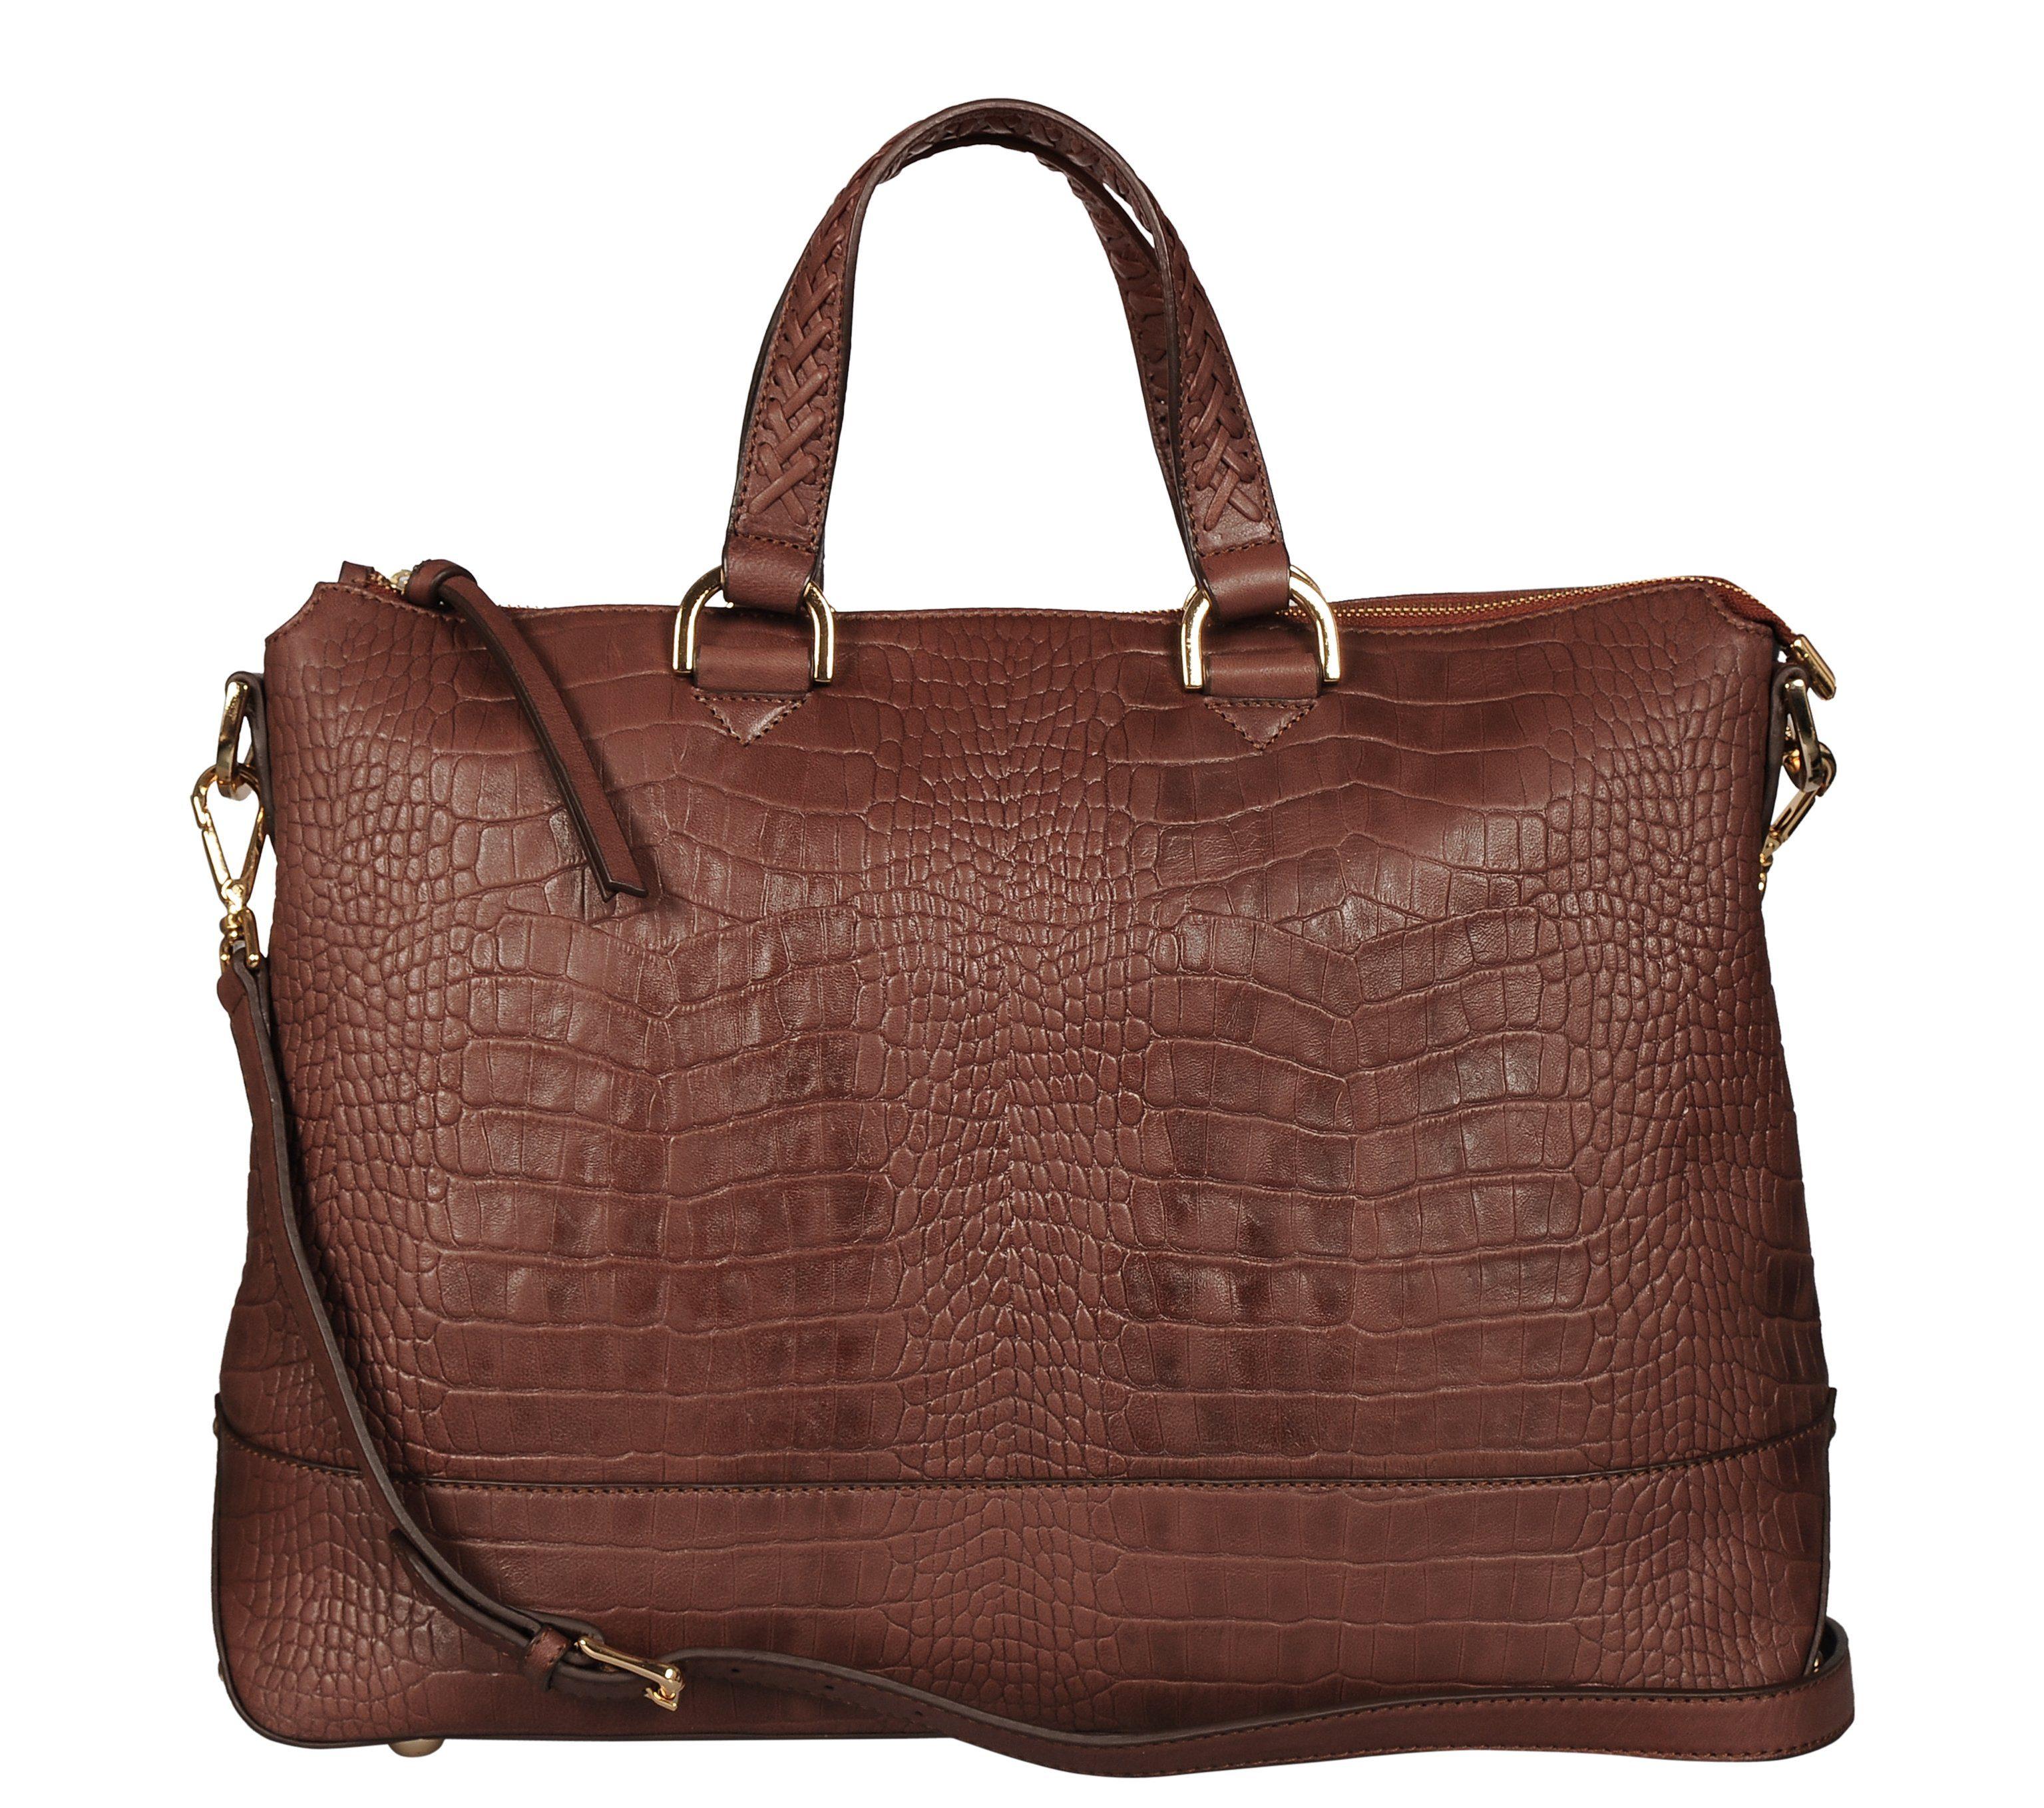 Silvio Tossi Handtaschen